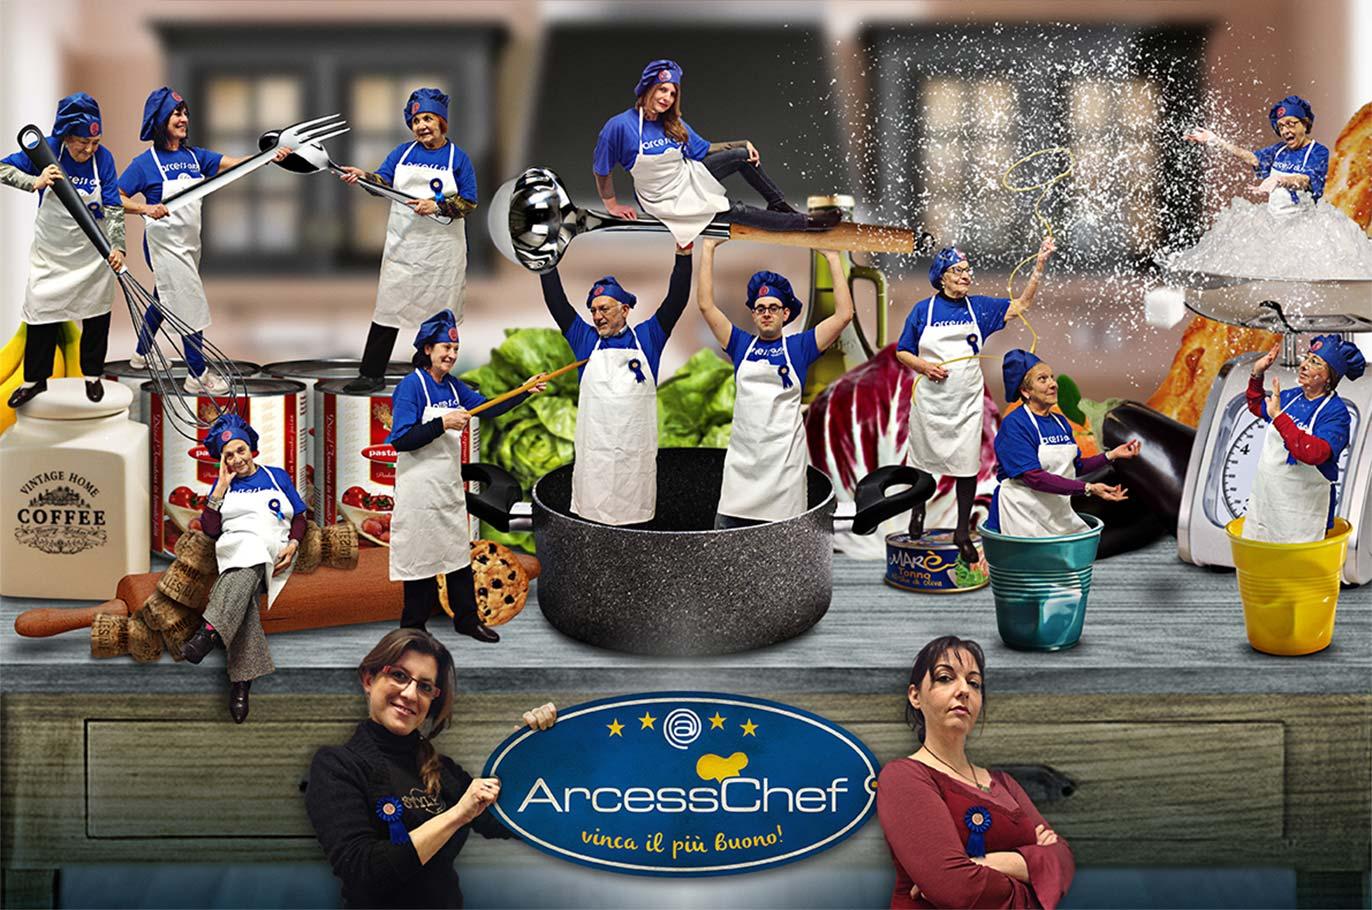 Poster Arcess Club, evento ArcessChef prima edizione, Palermo 2014